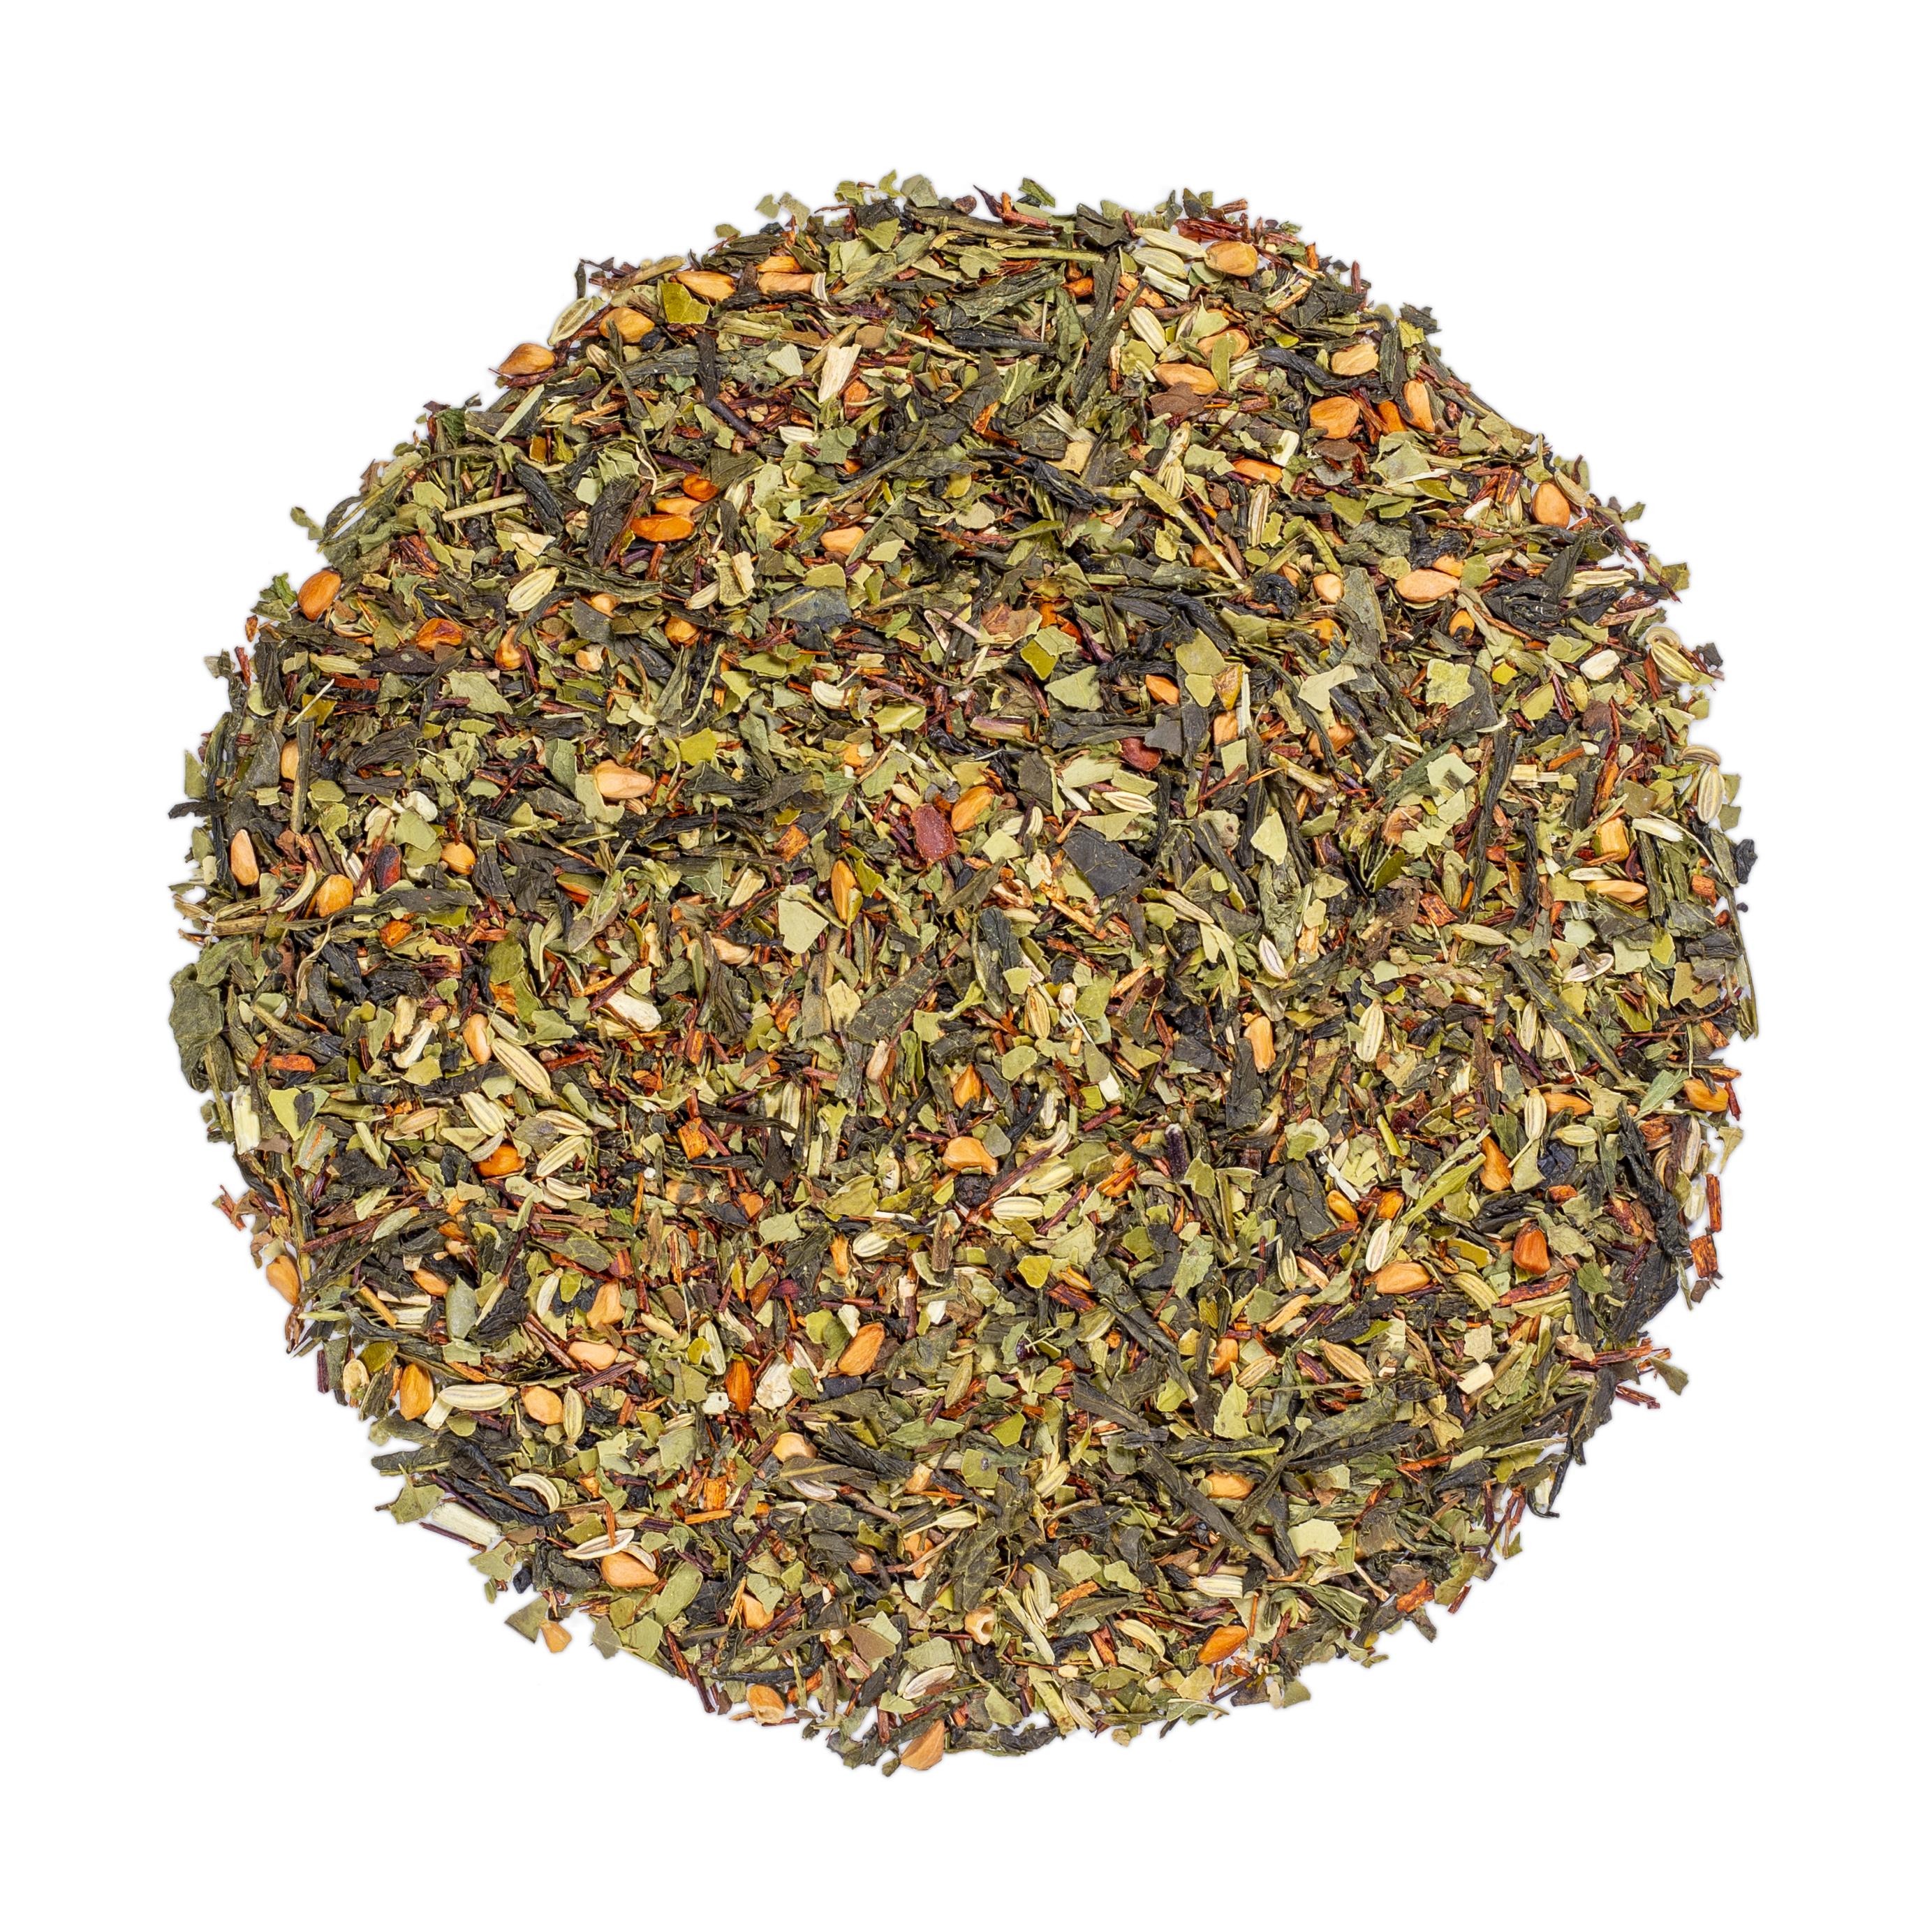 KUSMI TEA BB Detox - Thé vert, maté, pamplemousse - Thé en vrac - Kusmi Tea